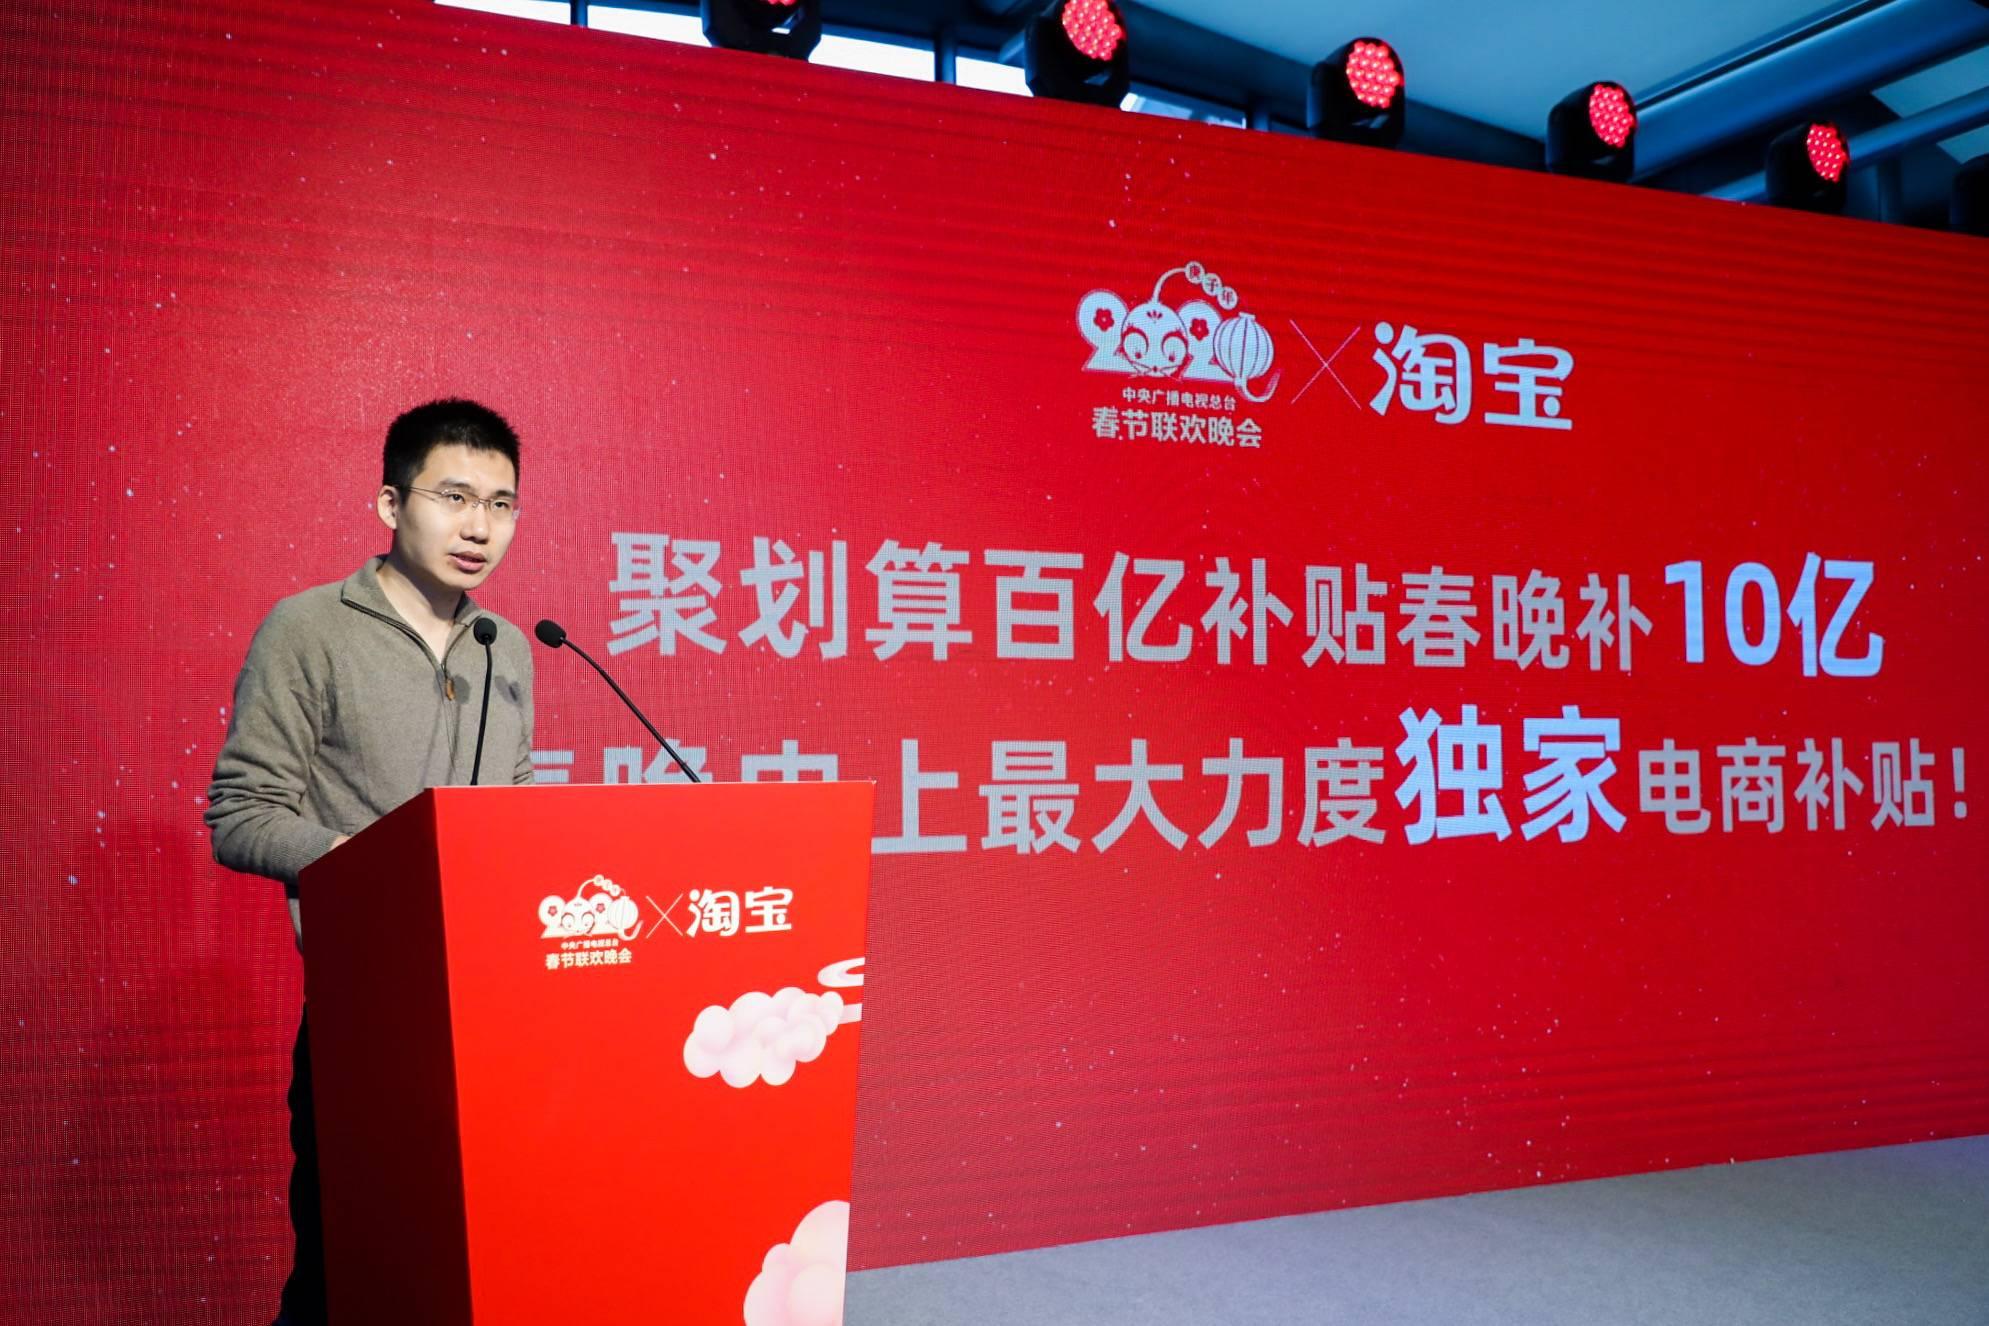 阿里巴巴集团淘宝行业平台事业部负责人张凯夫